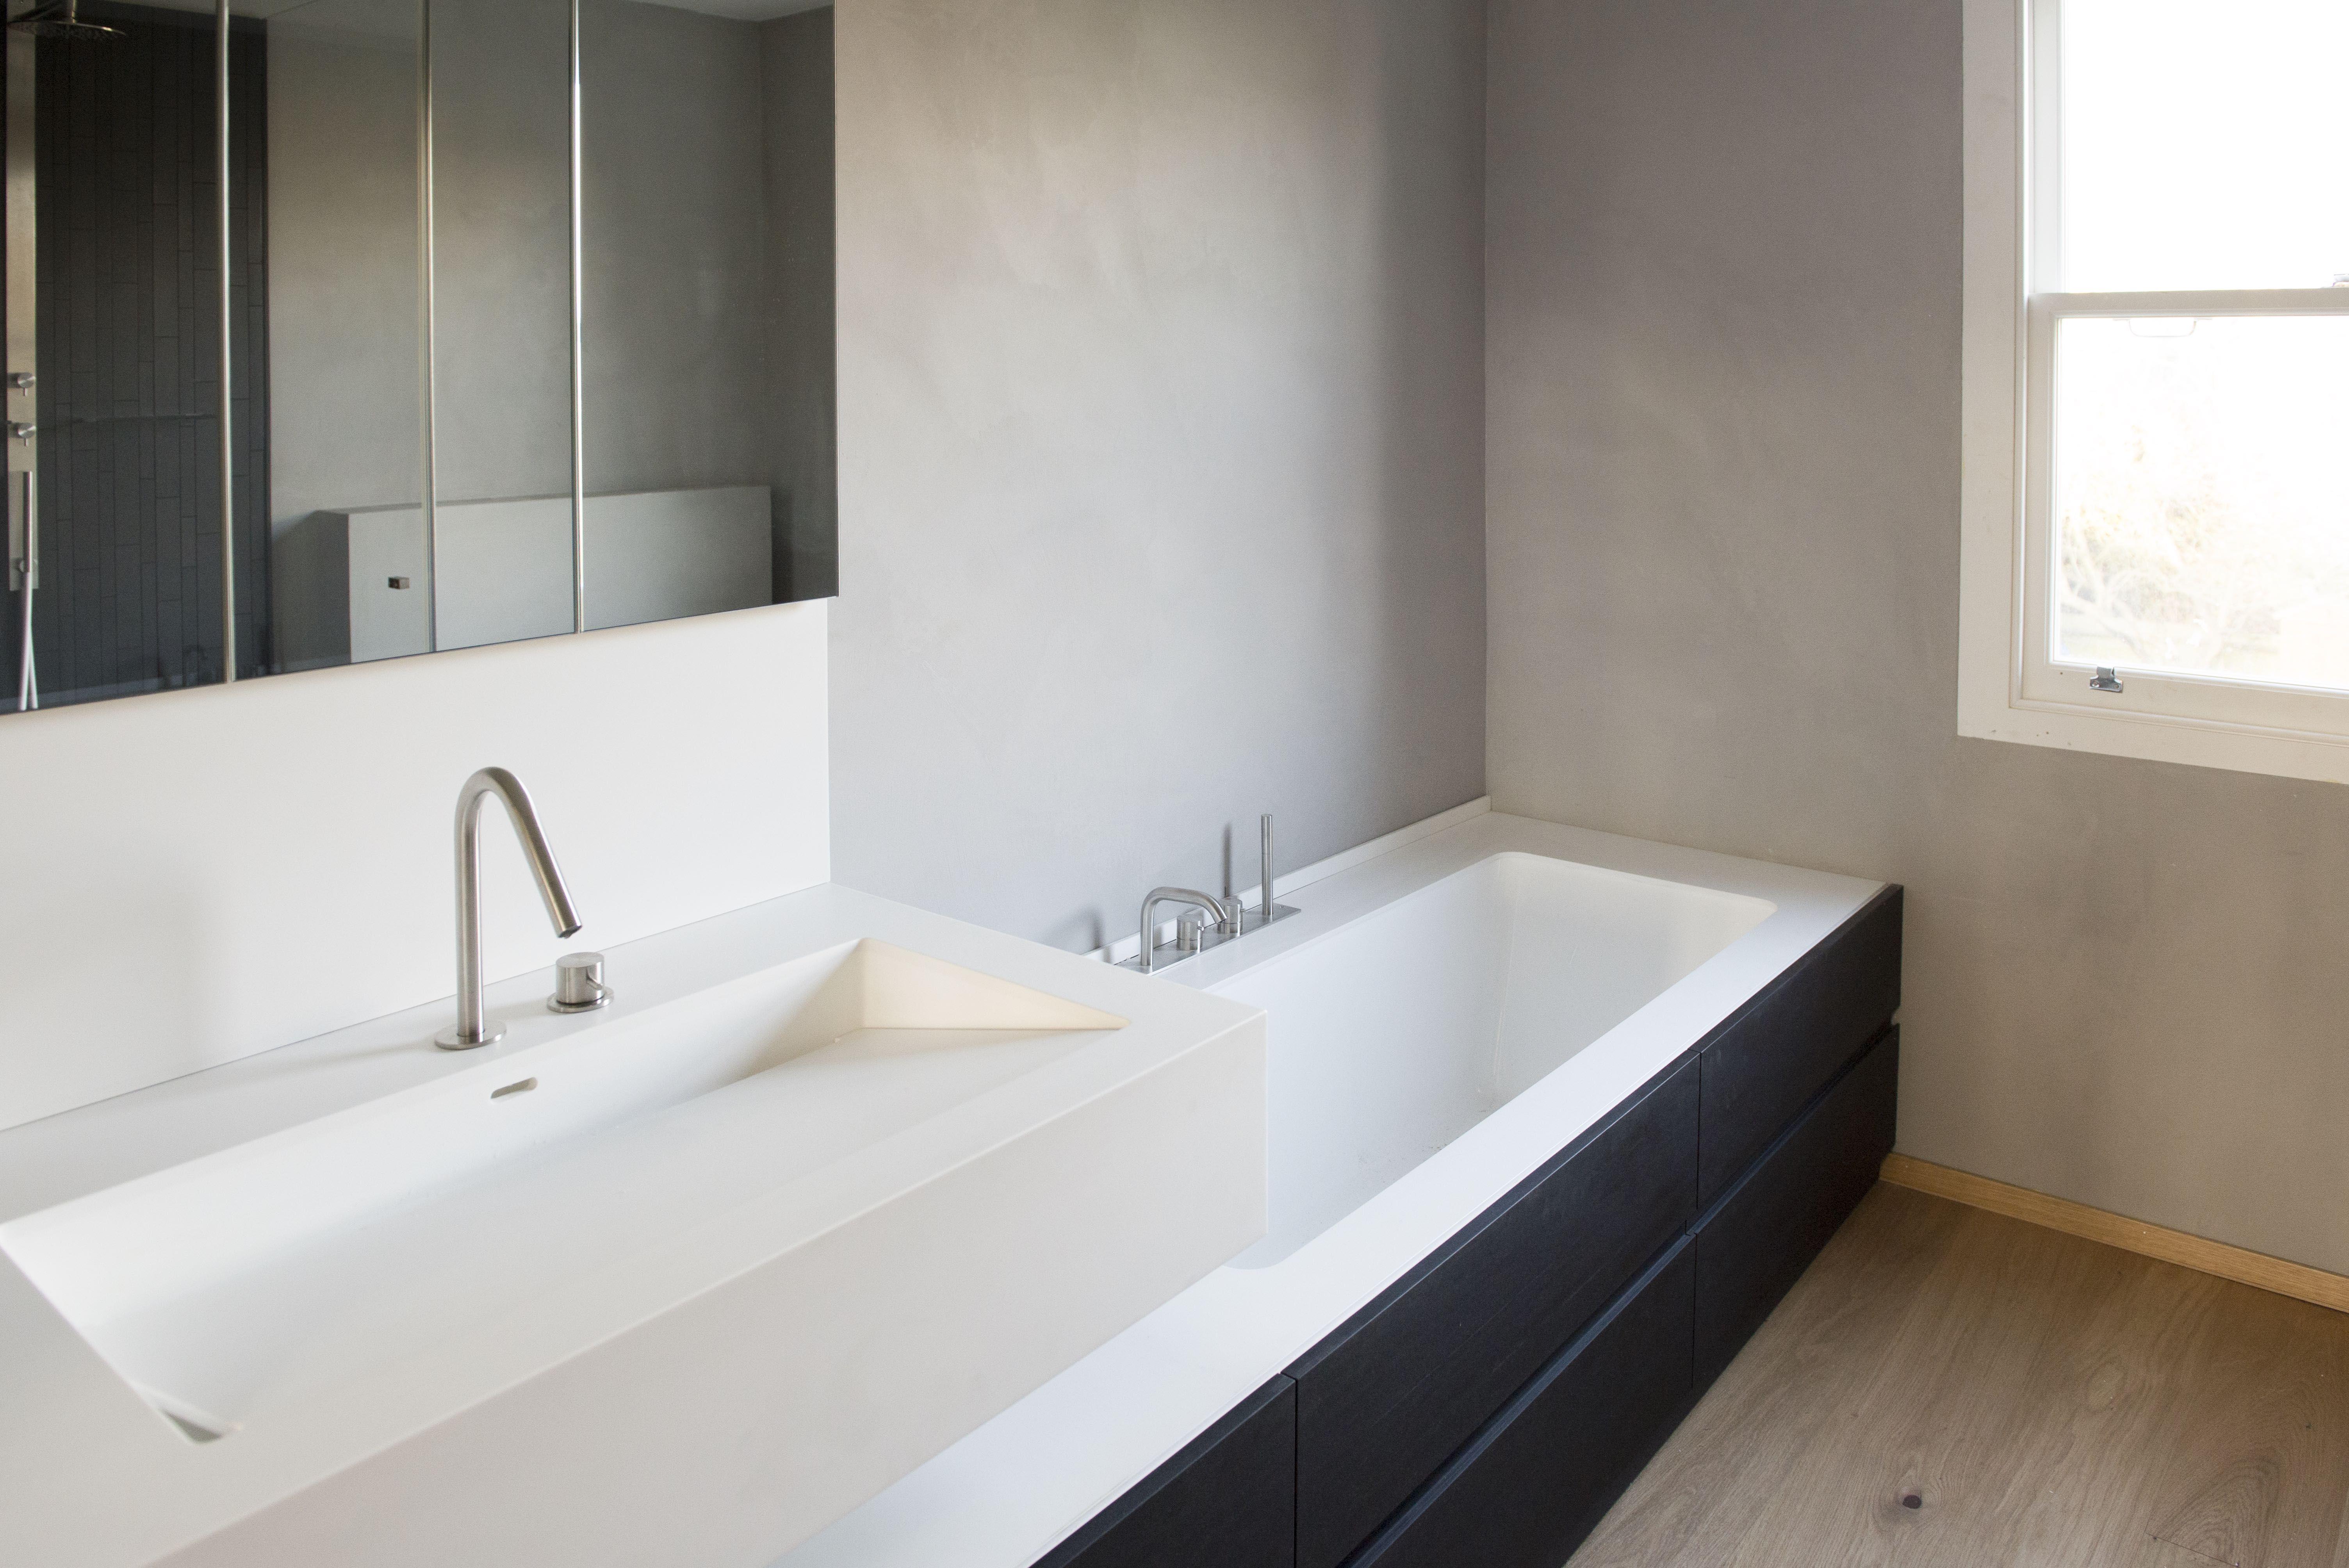 Progetto domestico in #london #himacs #paperstone design ideas for